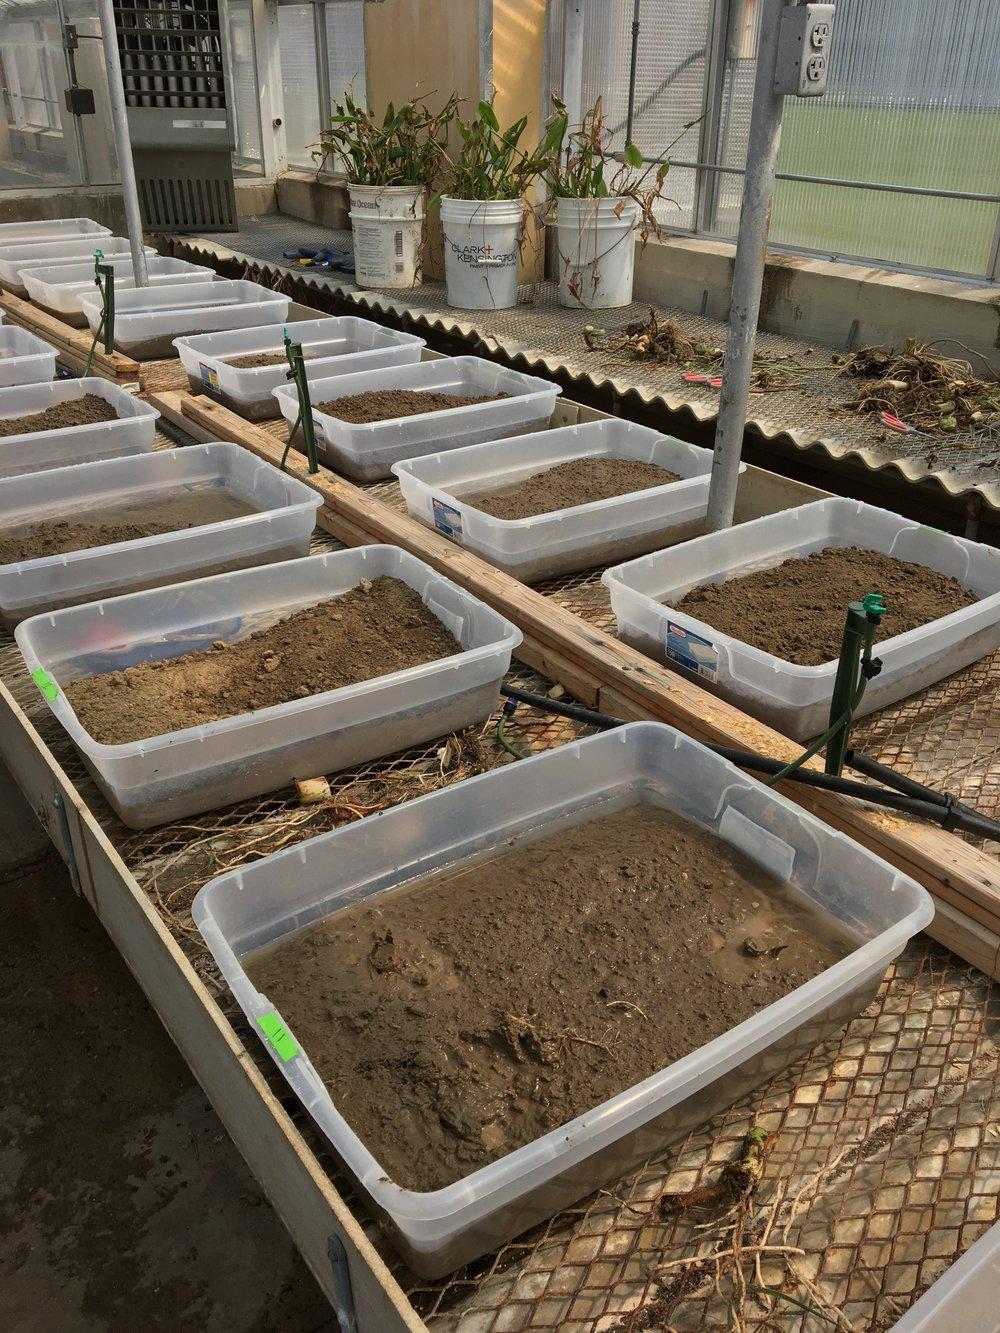 Elephant ear project bins in the LSU greenhouse.